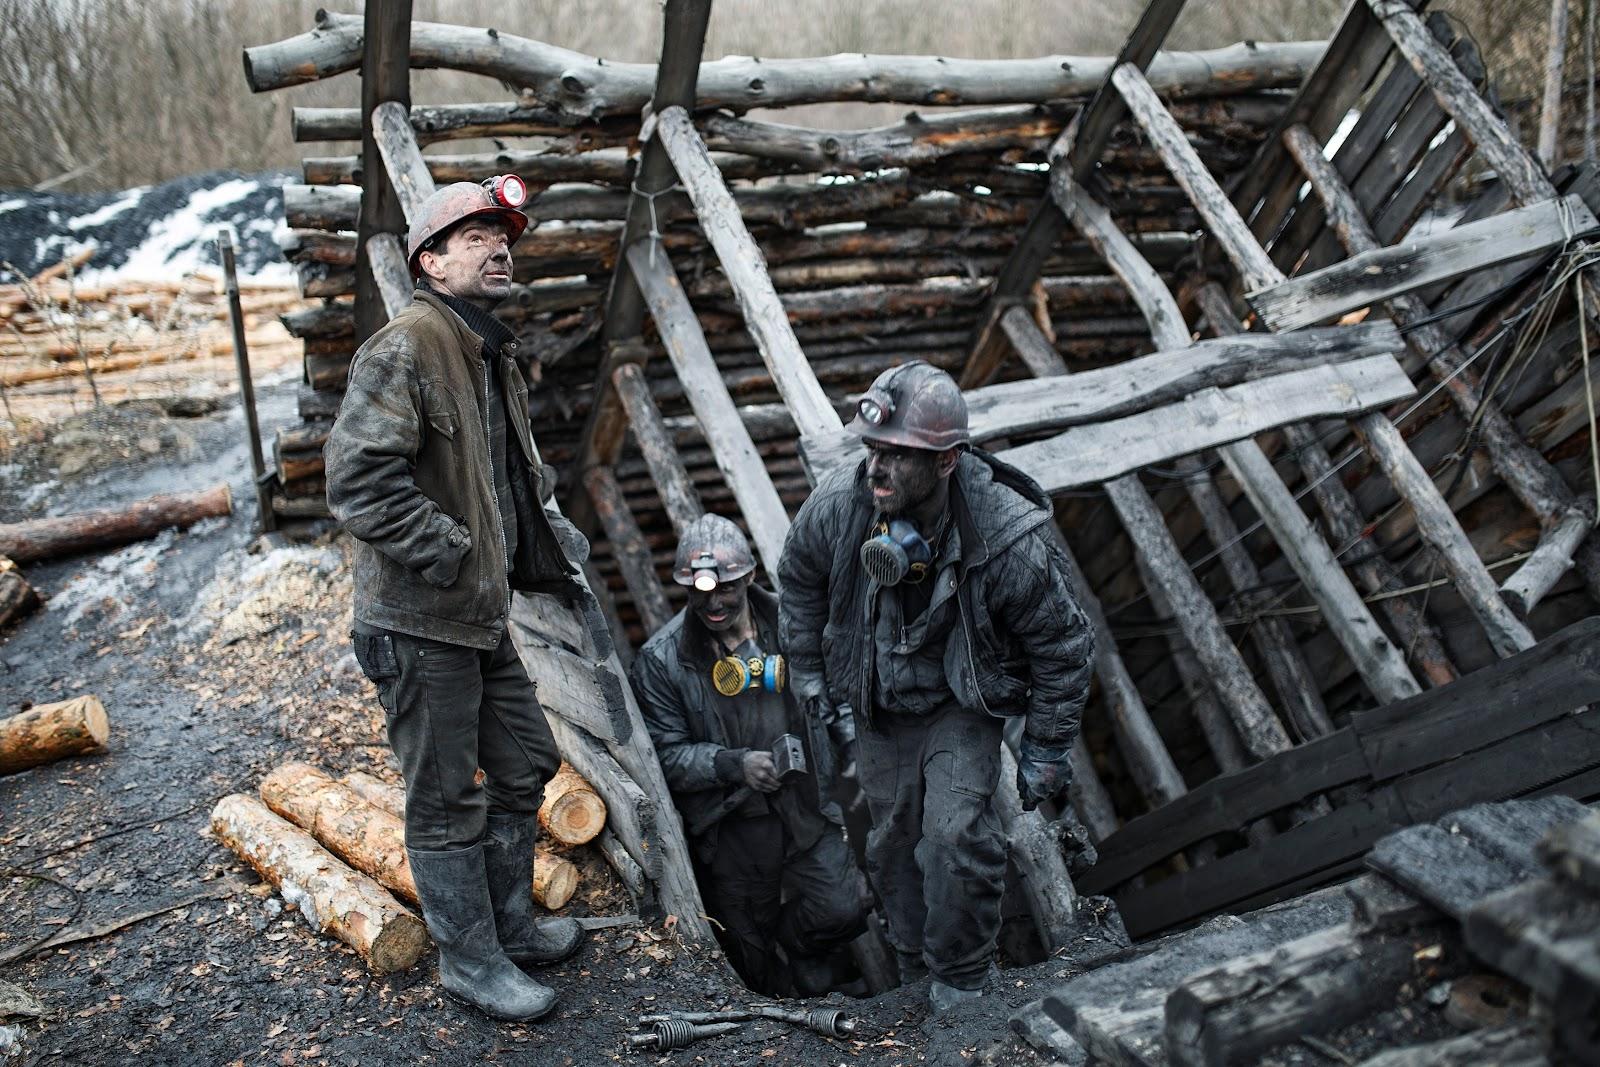 ДОБРАЛИСЬ ДО НЕДР: В оккупированных районах Донбасса резко выросло число копанок, уголь из которых продают в Украину (на фото — копанка в оккупированном Снежном, 2015 год)